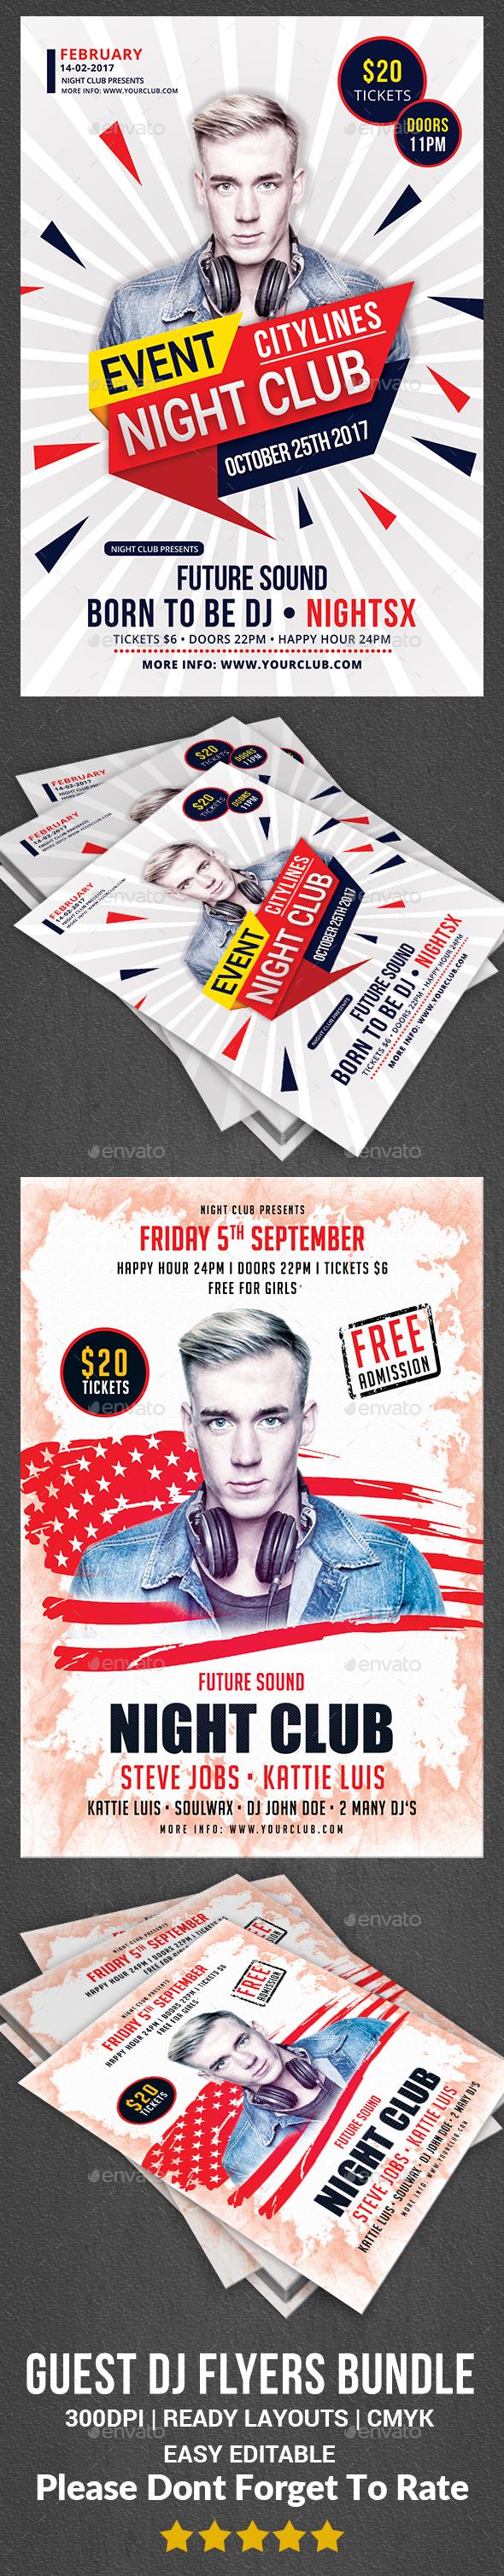 Guest Dj Flyers Bundle Print Templates - Clubs & Parties Events